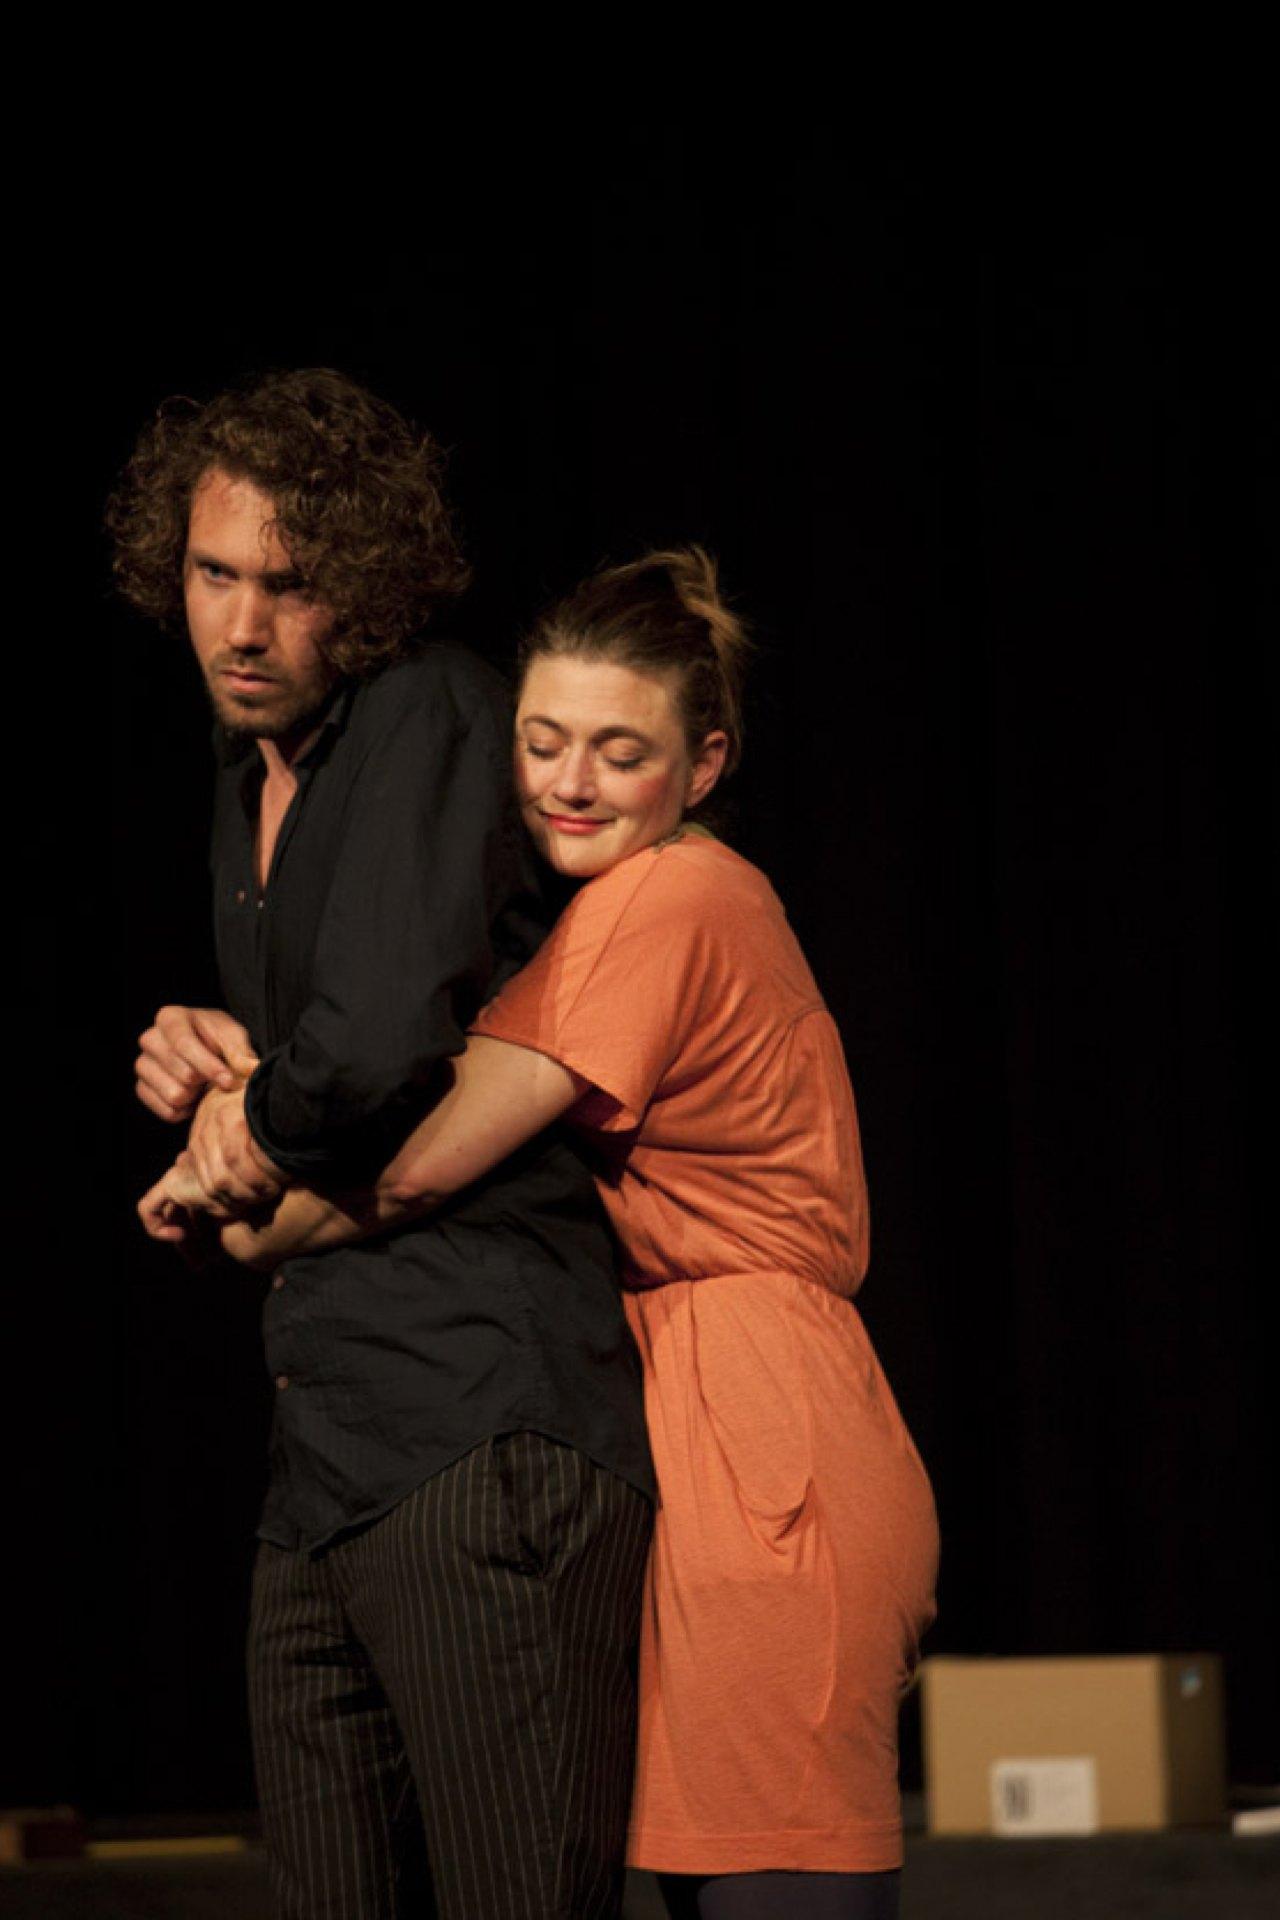 Hanneke_Scholten_Actrice_TheaterS13